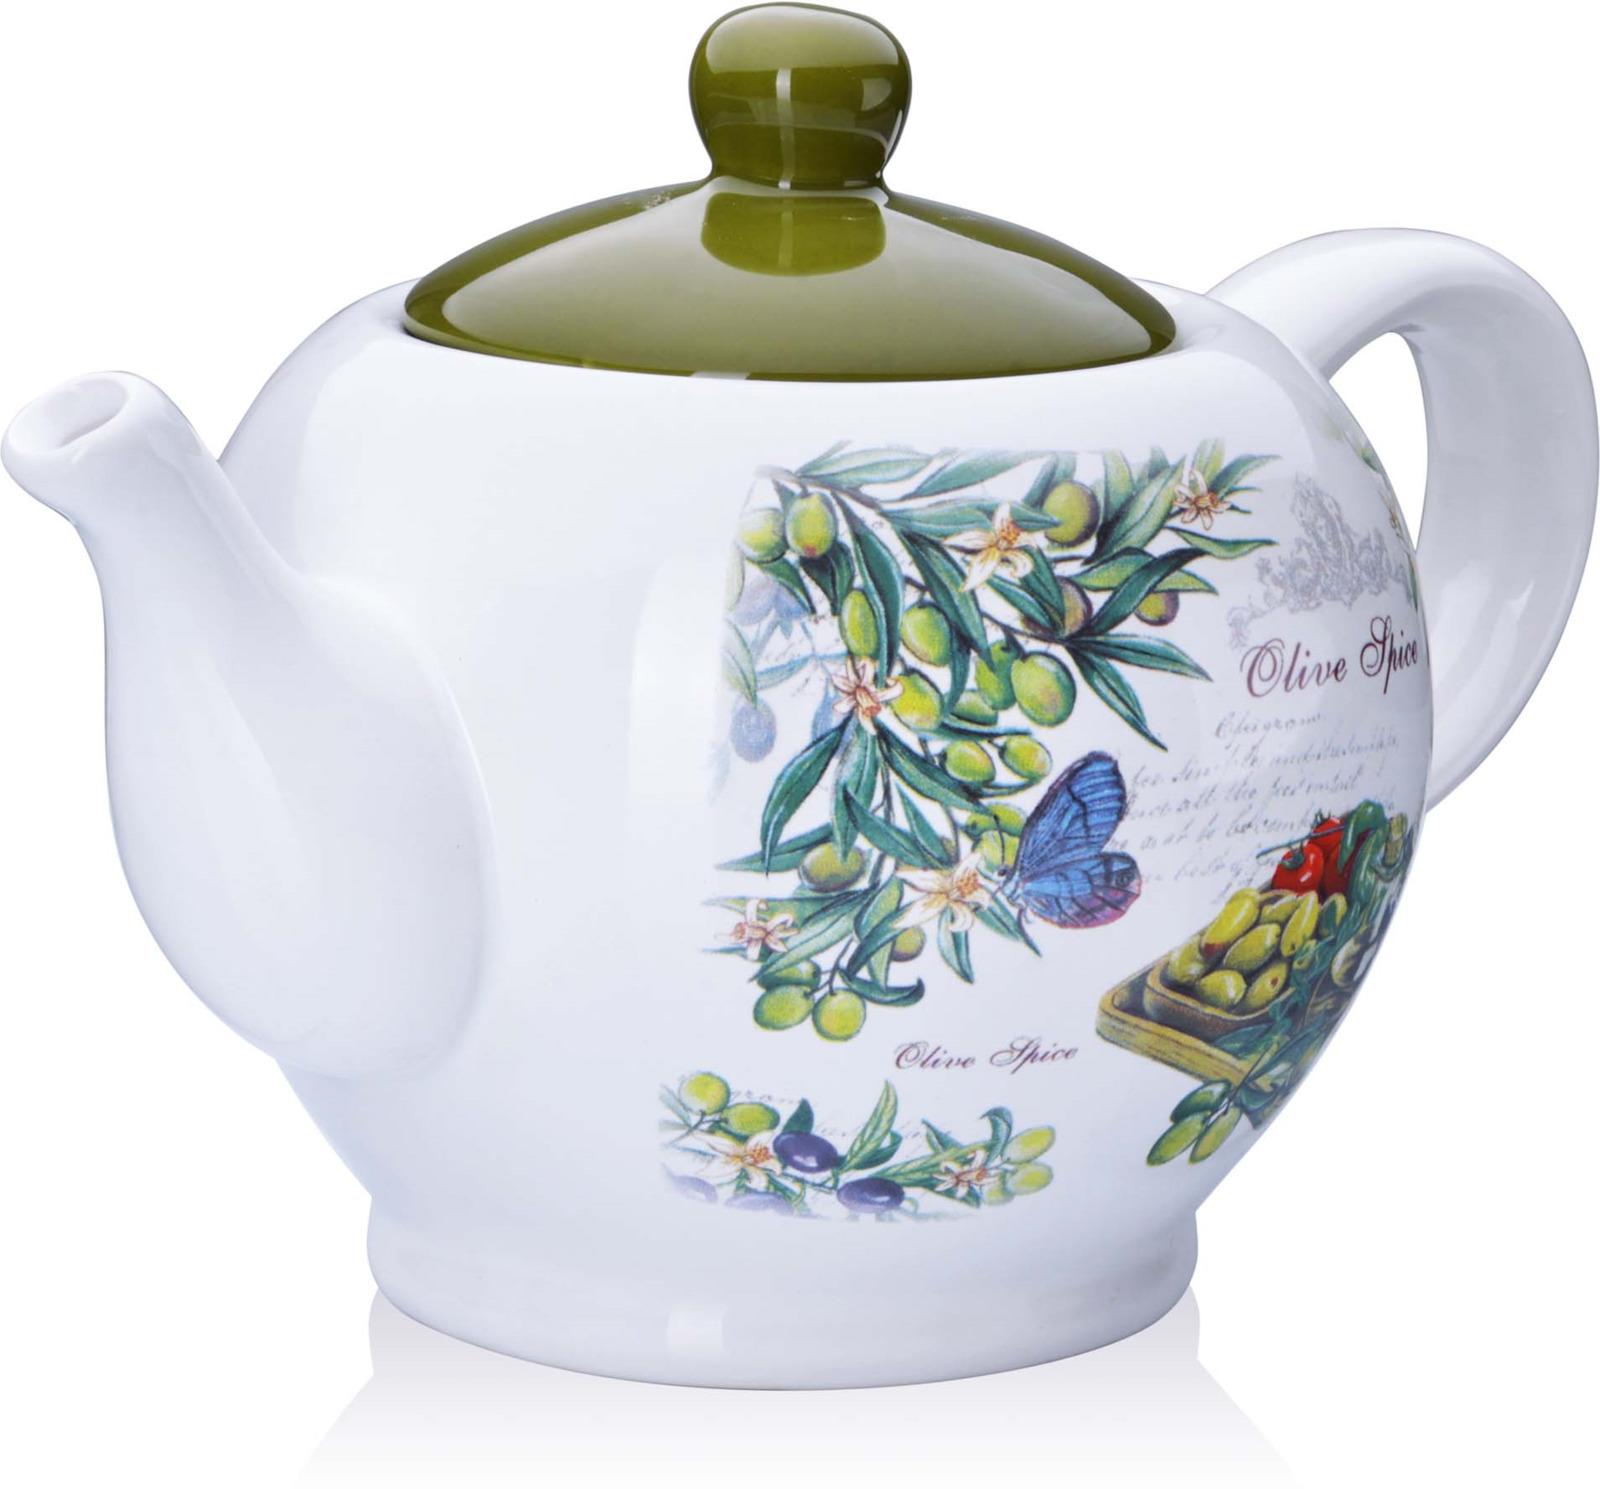 Заварочный чайник с крышкой Loraine поможет вам в приготовлении вкусного и ароматного чая, а также станет украшением вашей кухни. Он изготовлен из доломитовой керамики в красивых тонах и оформлен красочным изображением. Нежный рисунок придает чайнику особый шарм, чайник удобен в использовании и понравится каждому. Такой заварочный чайник станет приятным и практичным подарком на любой праздник. Подходит для мытья в посудомоечной машине.